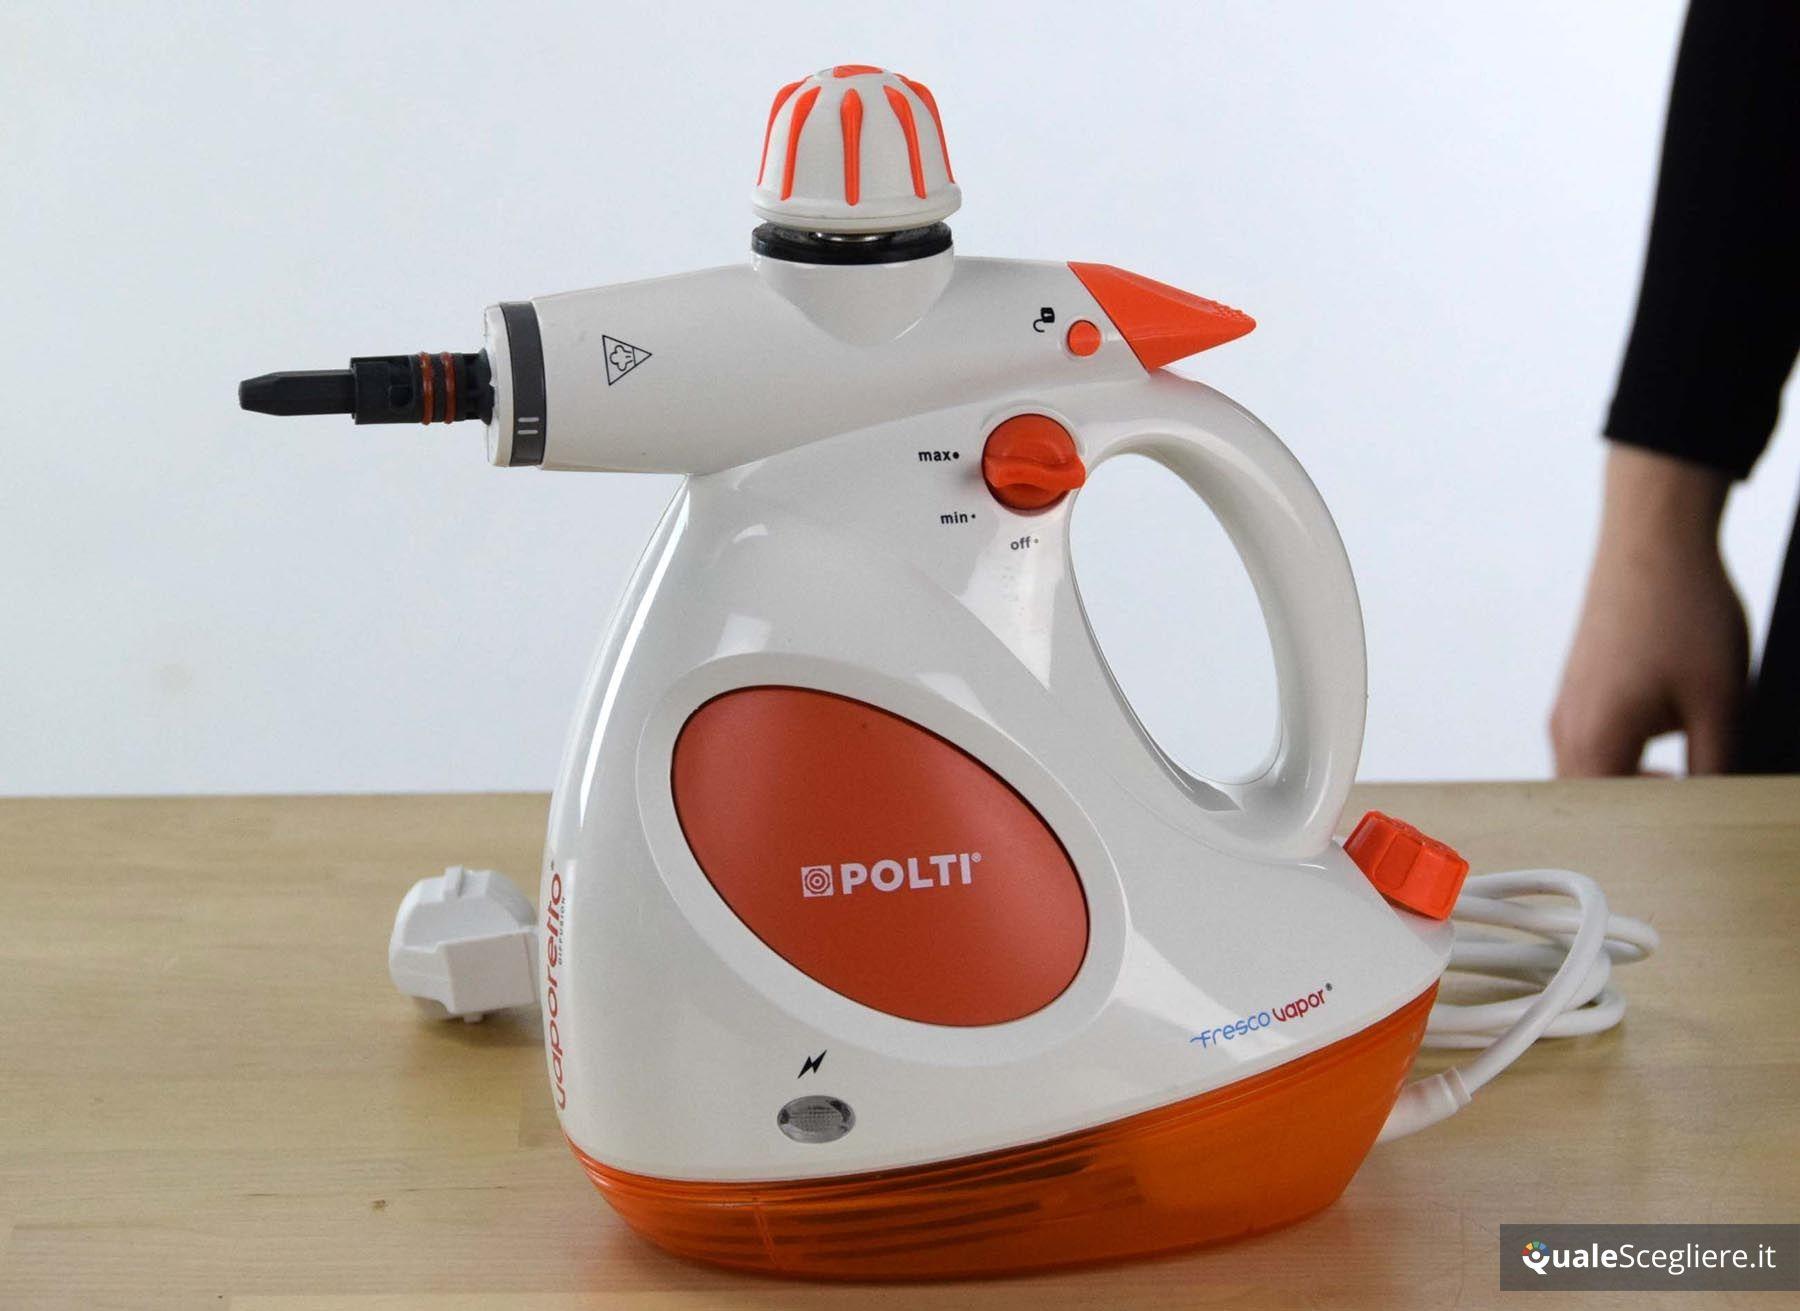 Recensione polti vaporetto diffusion - Hoover pulitore a vapore ...